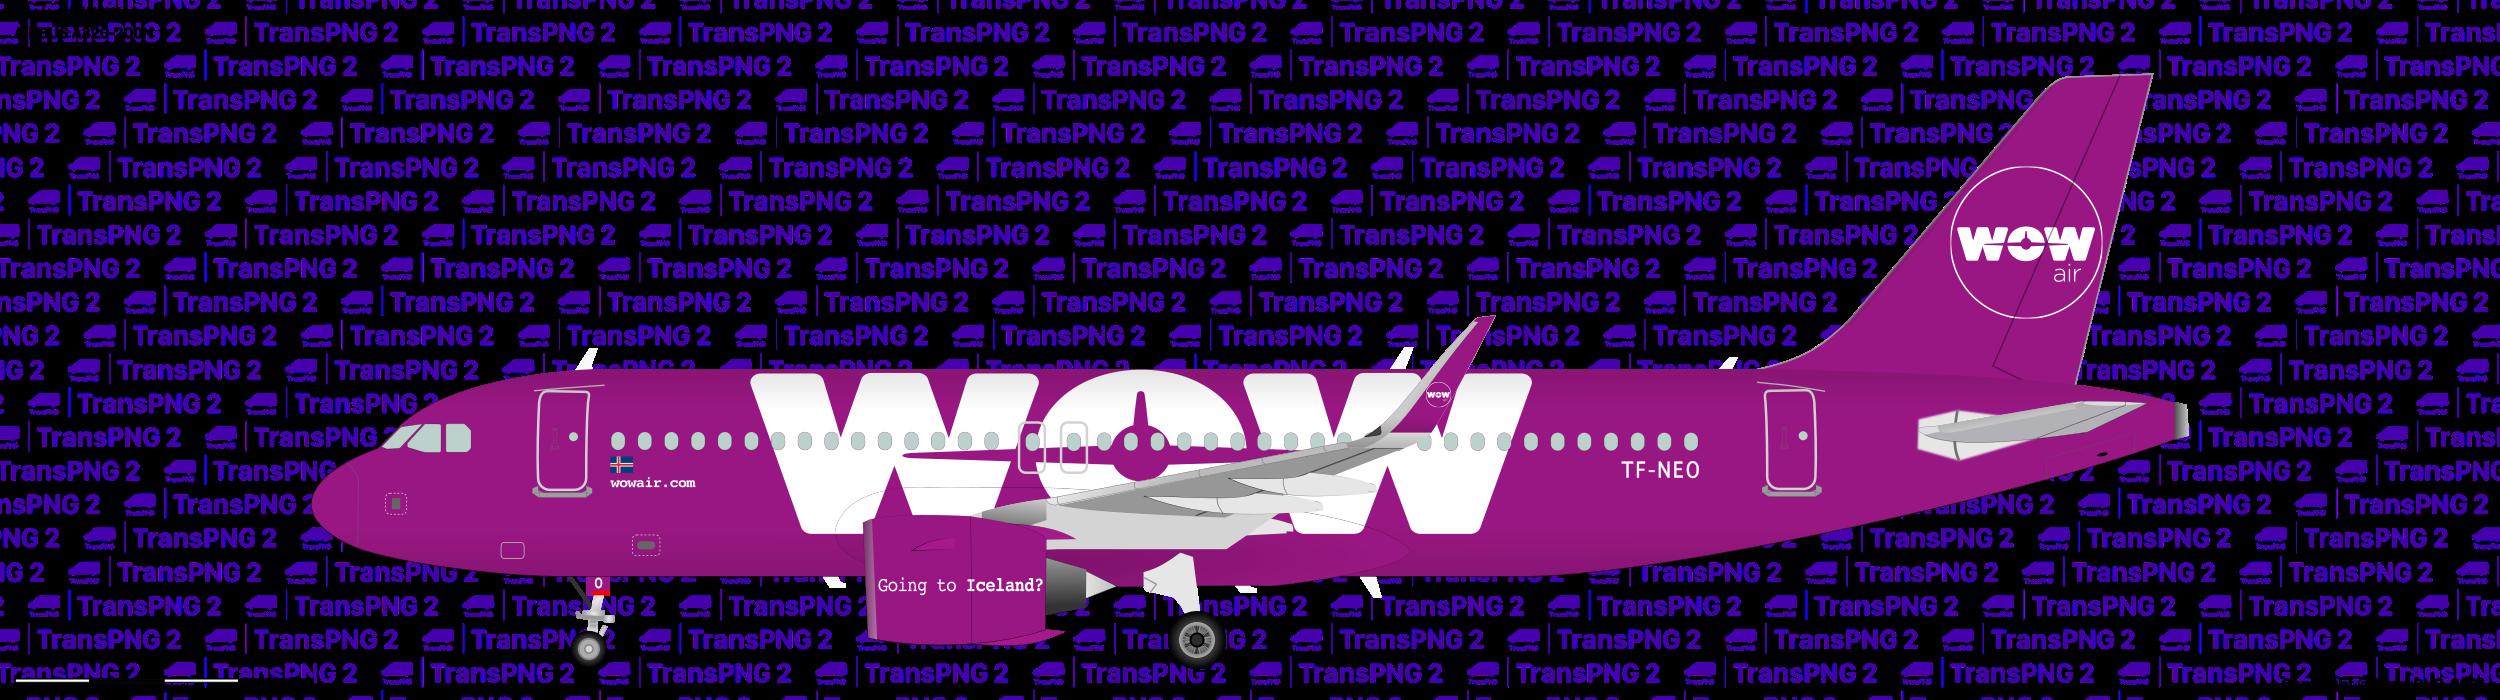 [25095] WOW air 25095